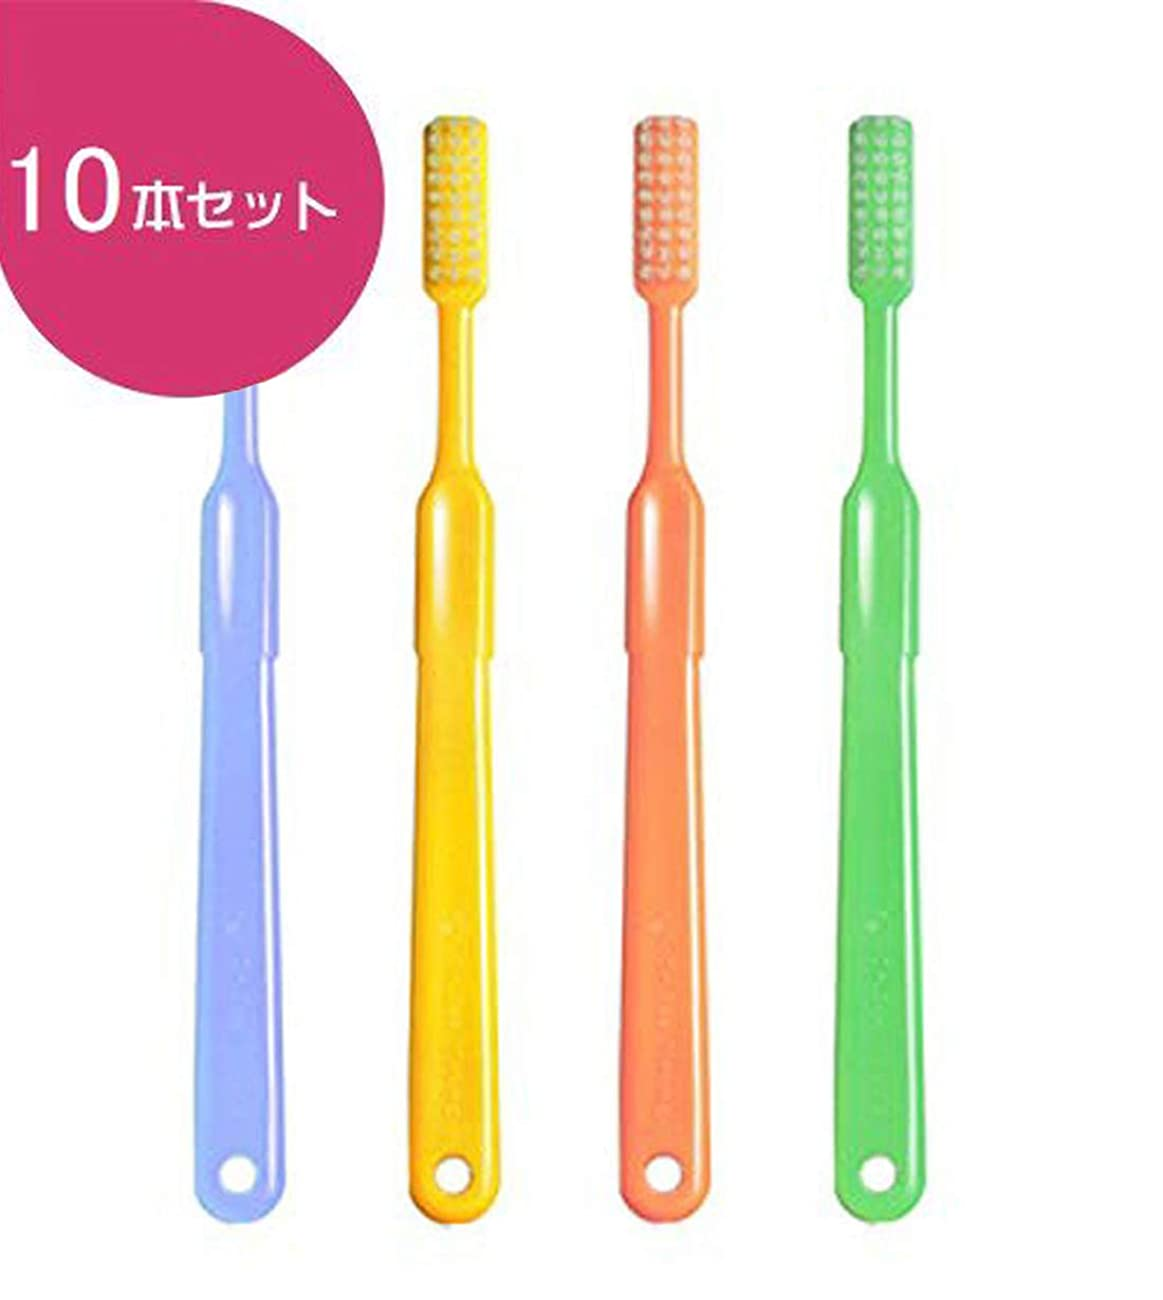 テレビ飢饉中にビーブランド ドクター ビーヤング 歯ブラシ 10本 (ヤング)